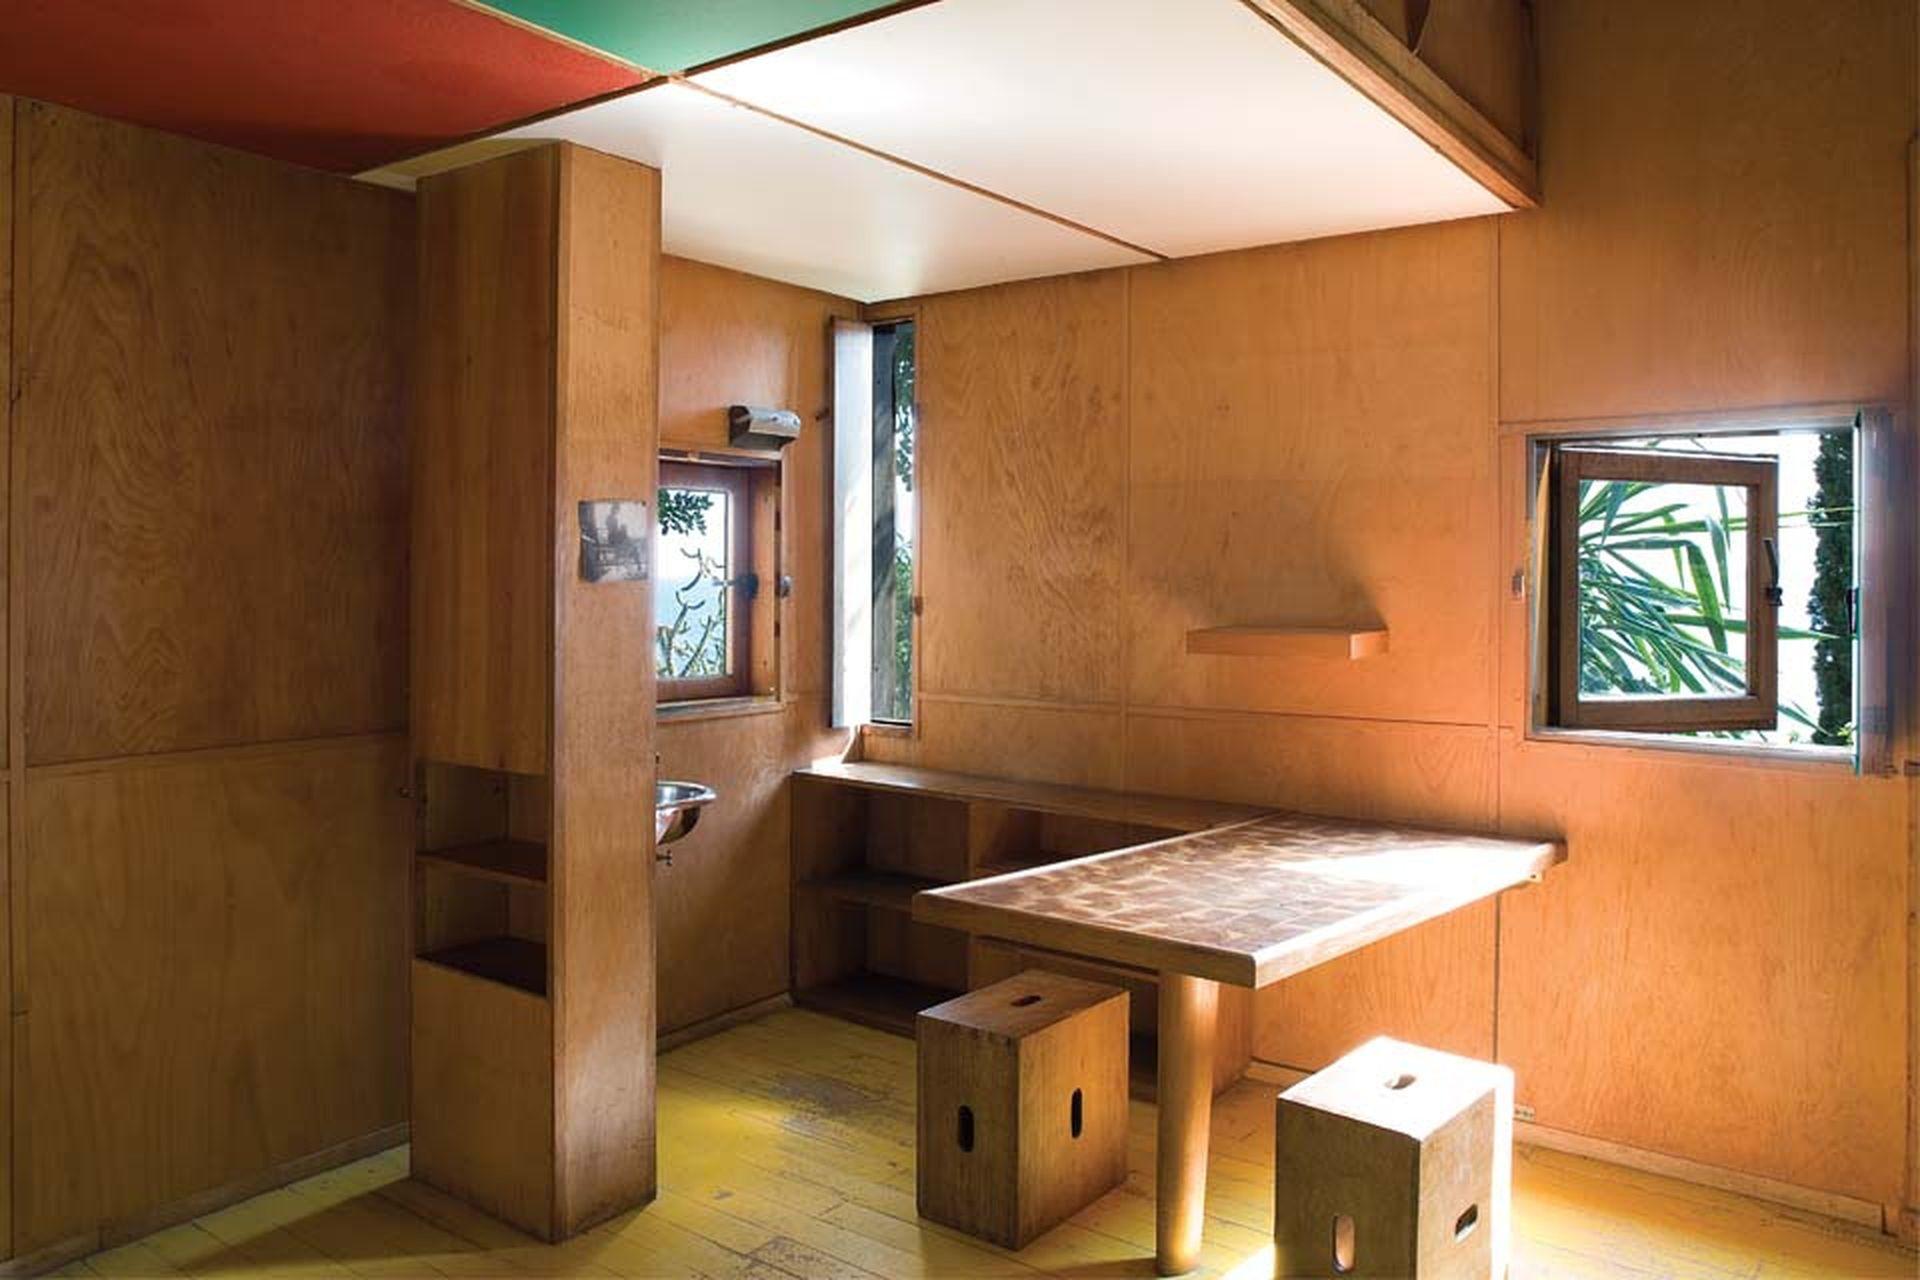 Lo esencial se hace visible: un lavatorio separado de una de las dos camas por un armario, una mesa y dos cajones como asientos. Con su ojo de artista, el maestro hizo ventanas mínimas para enmarcar elementos específicos del paisaje como en un cuadro vivo